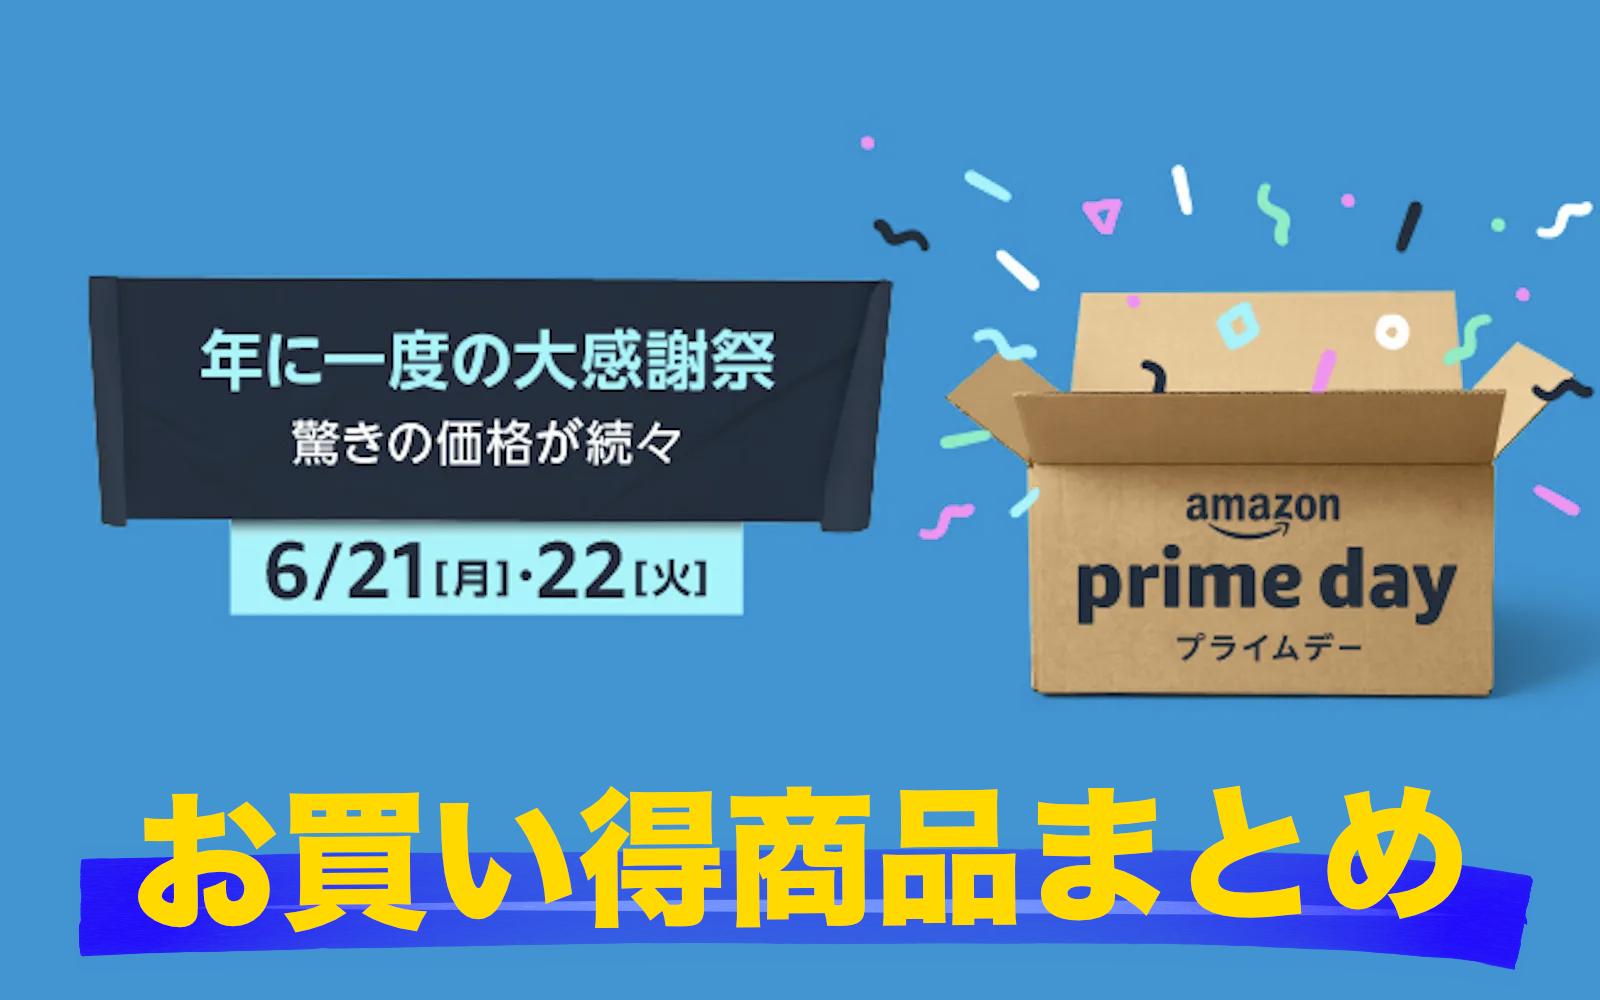 PrimeDay Best Deals